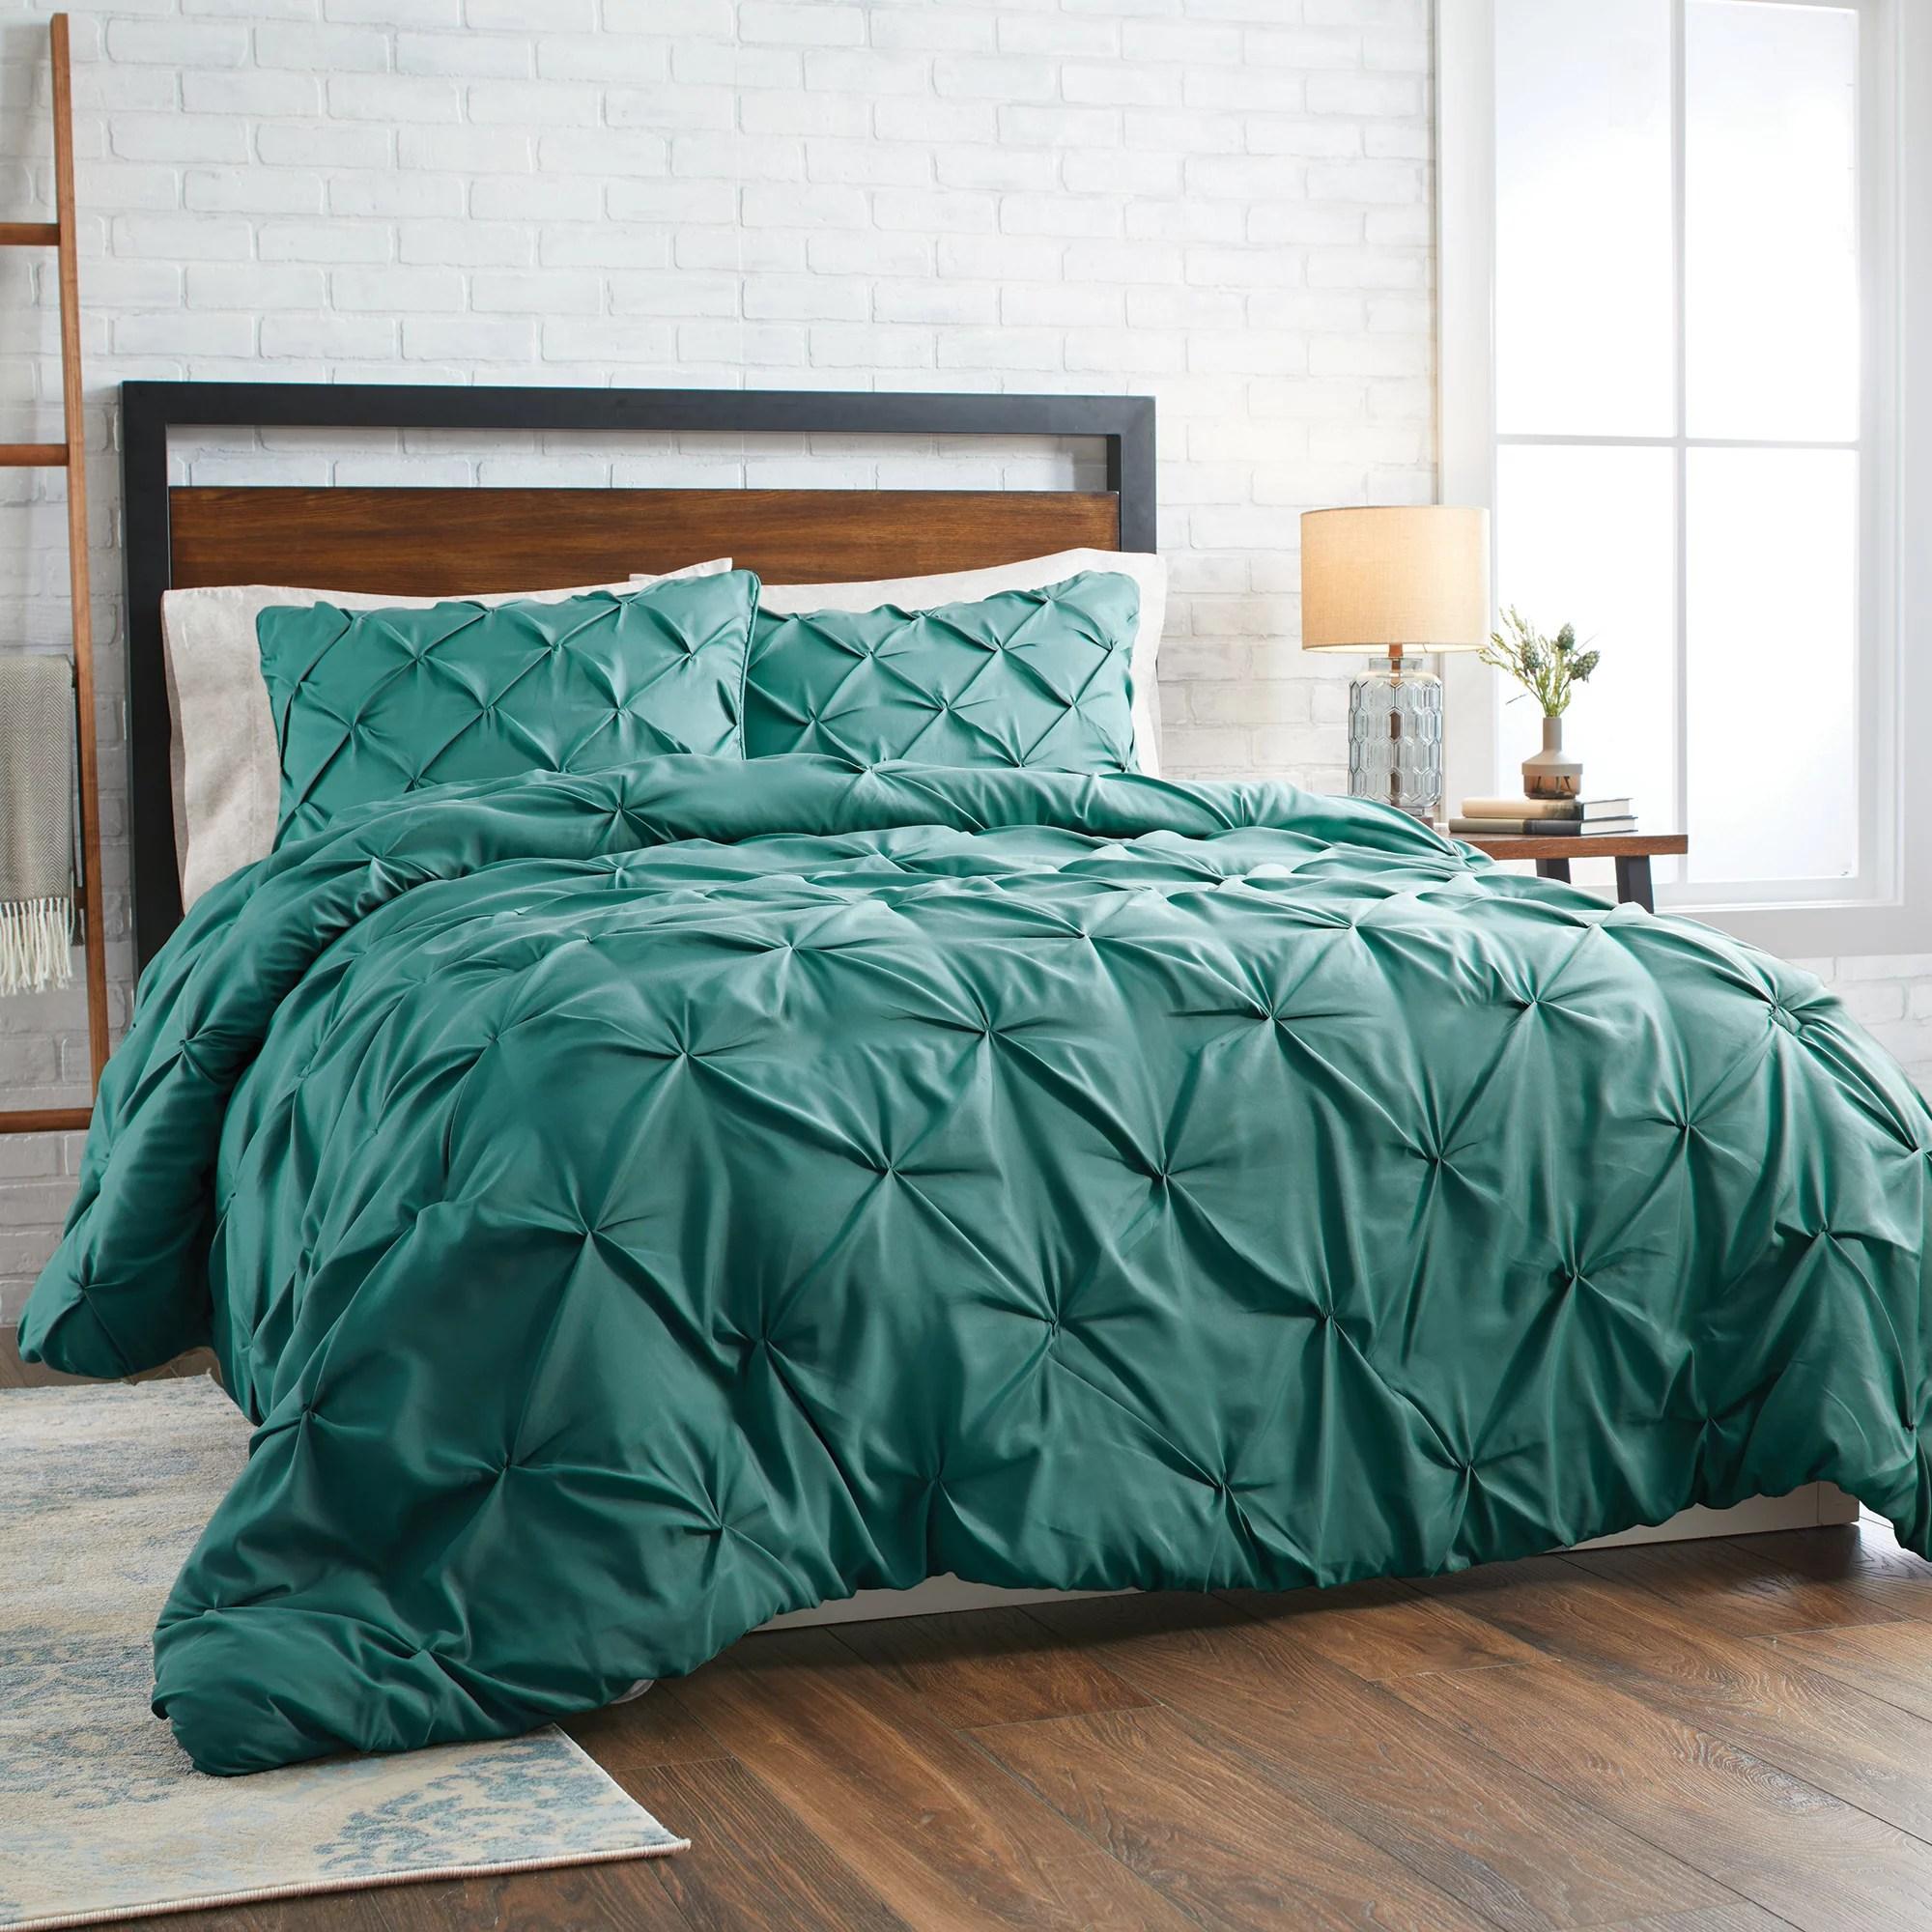 better homes gardens teal pintuck 3 piece comforter set king walmart com